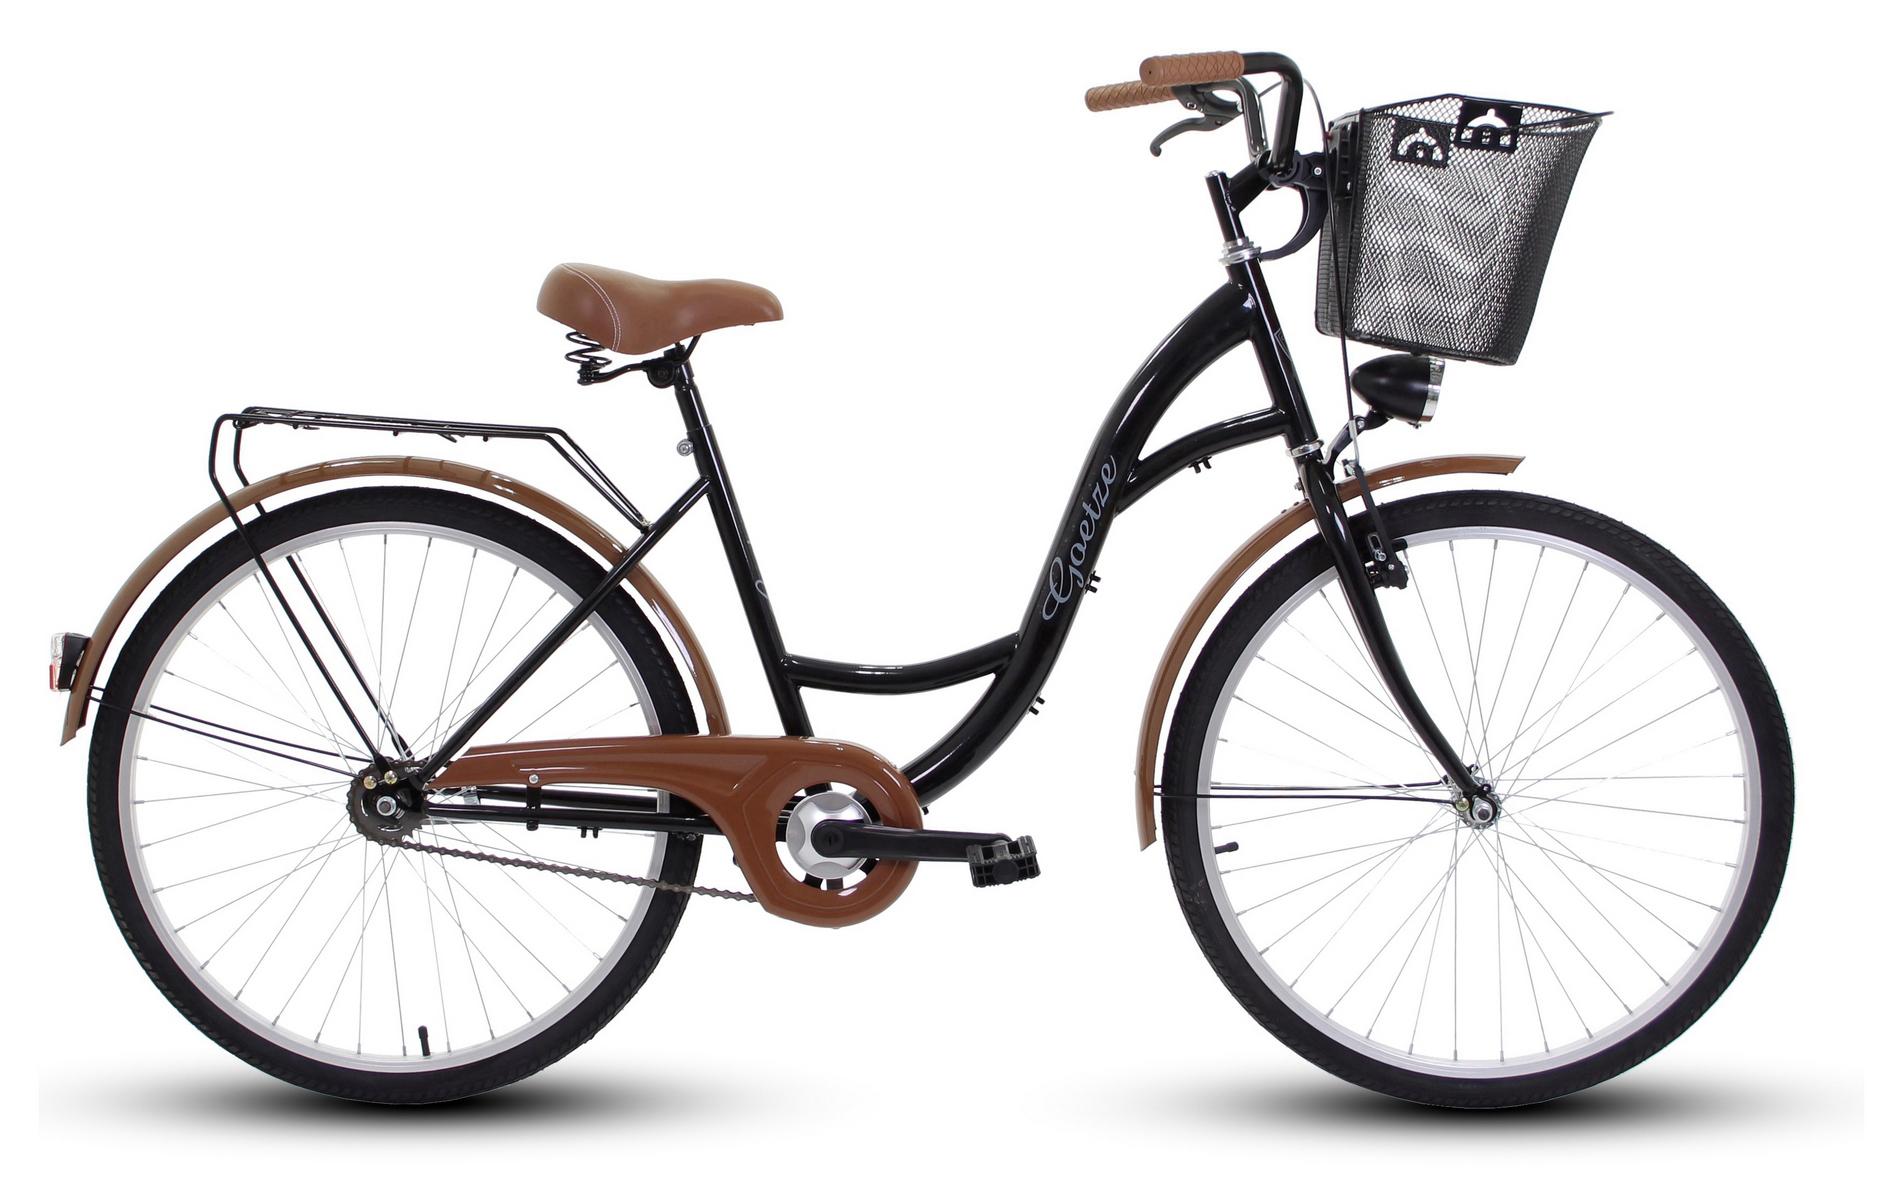 Dámsky mestský bicykel GOETZE 26 eco lady + košík !!!  Eko model